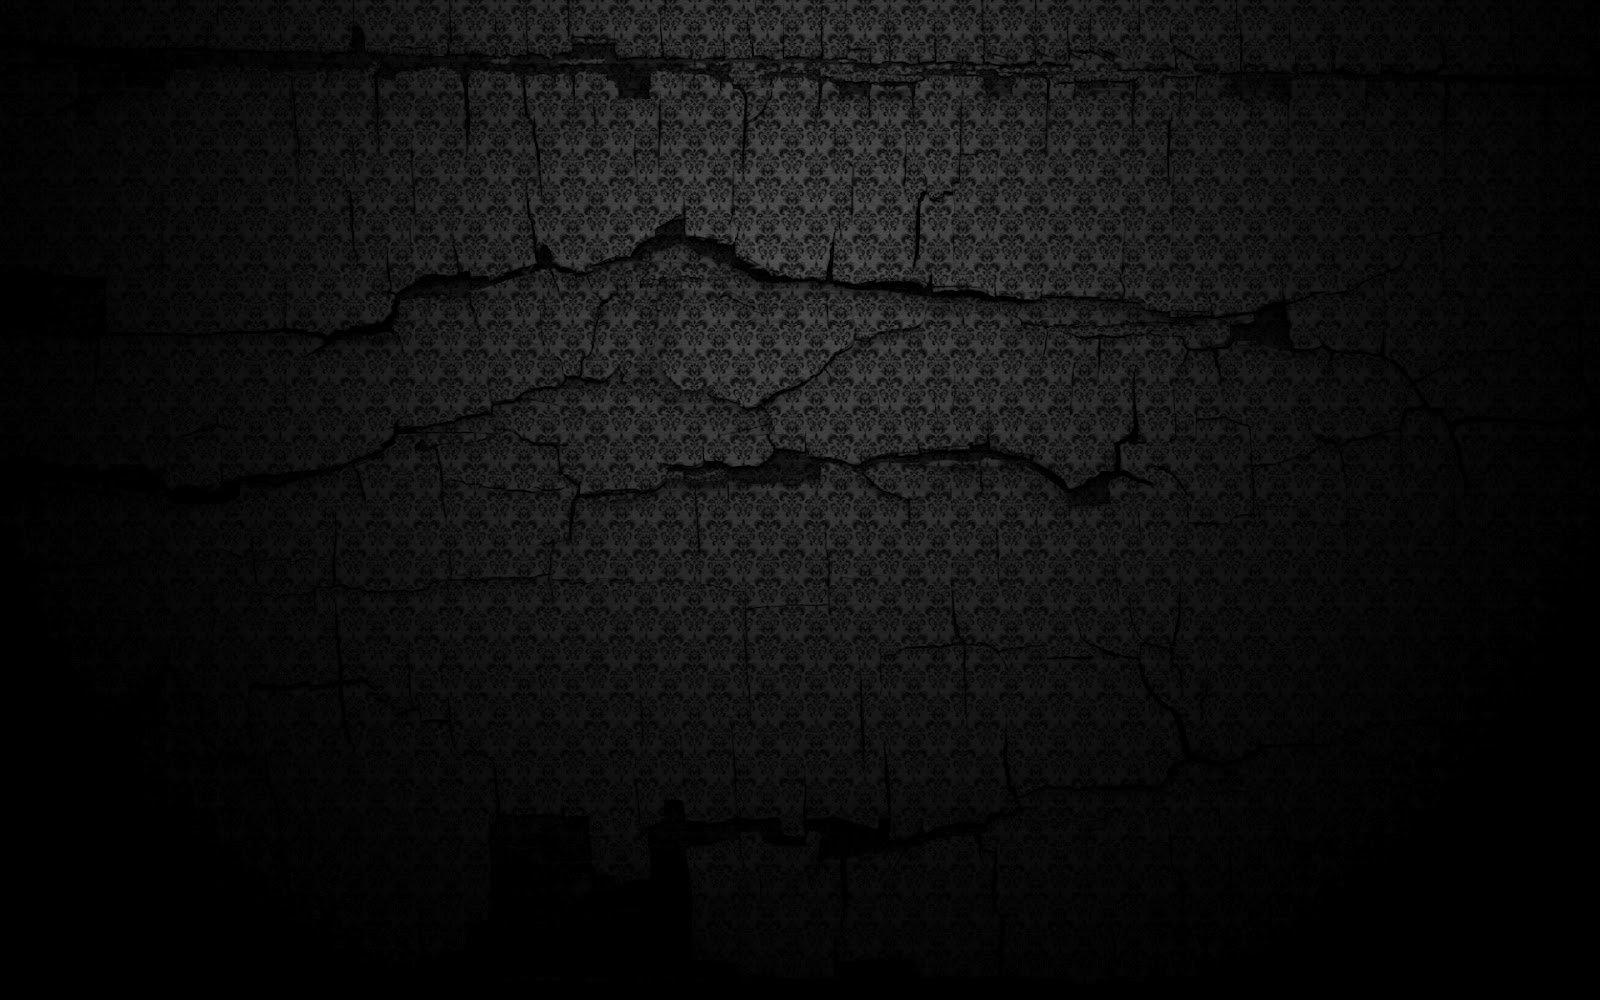 Black Wallpaper Download Full Hd : Black Wallpaper HD - WallpaperSafari